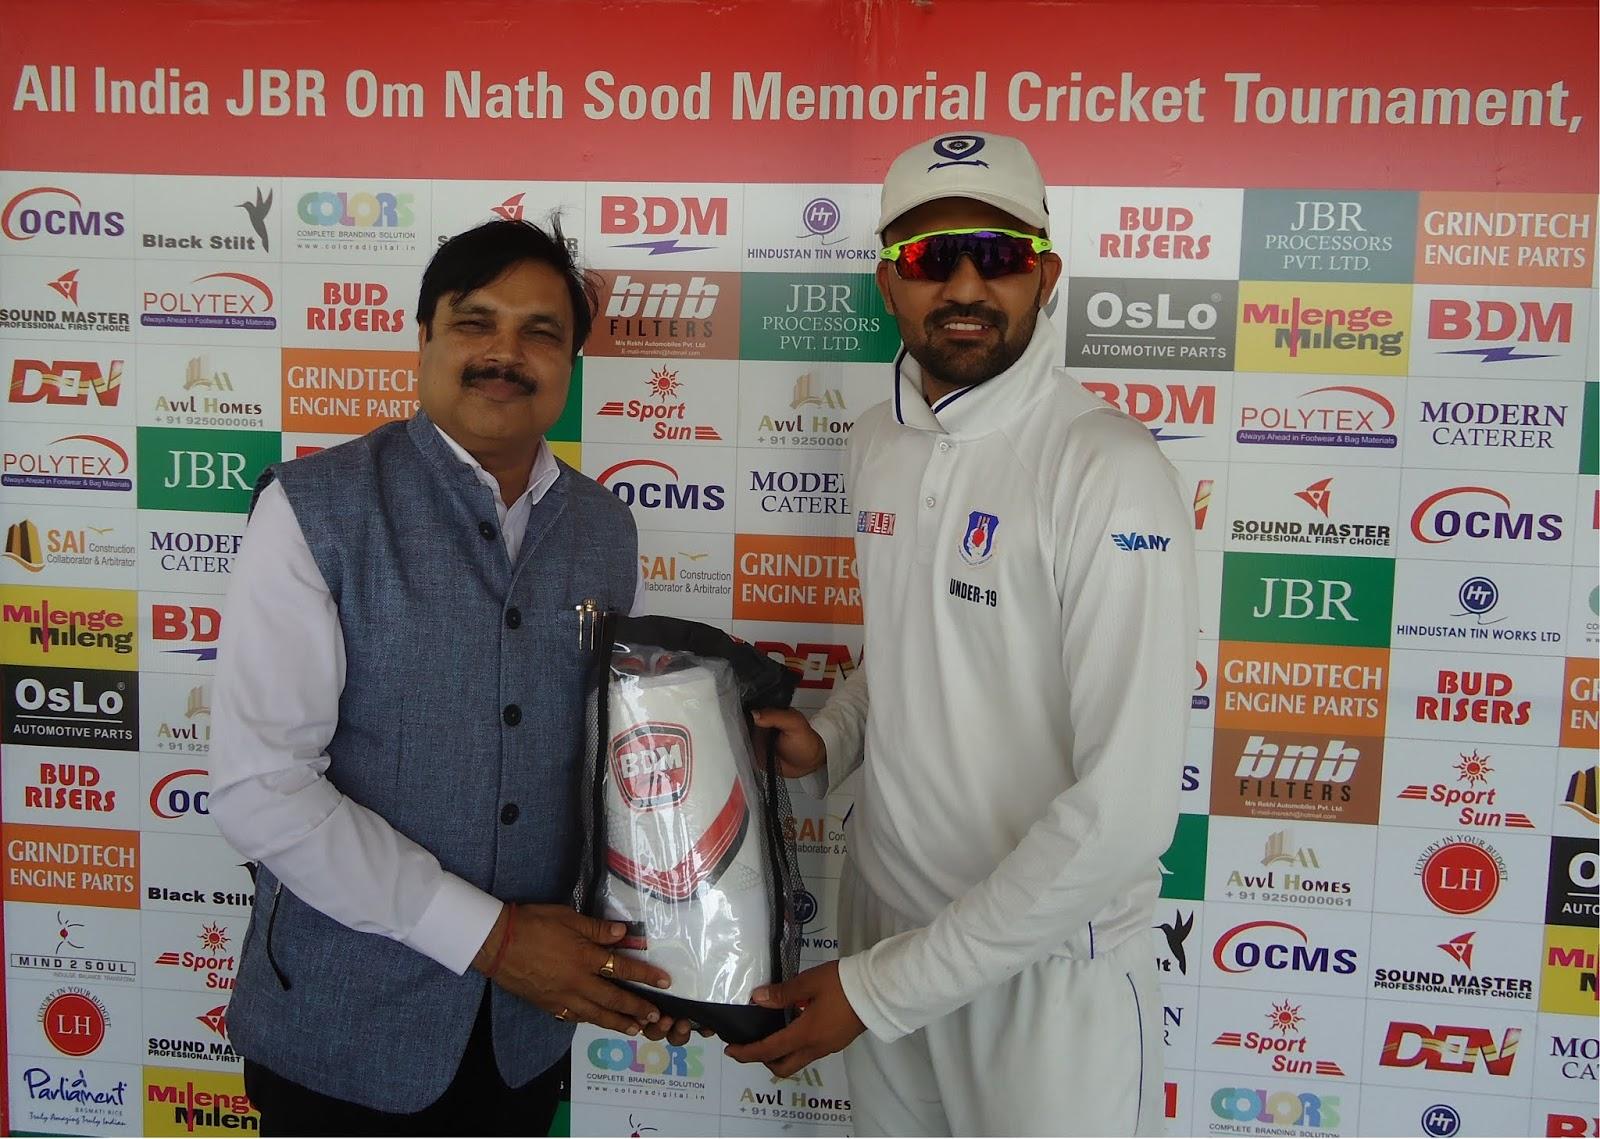 अलर्ट क्रिकेट अकैडमी ओम नाथ सूद क्रिकेट के प्री क्वॉर्टर फाइनल में